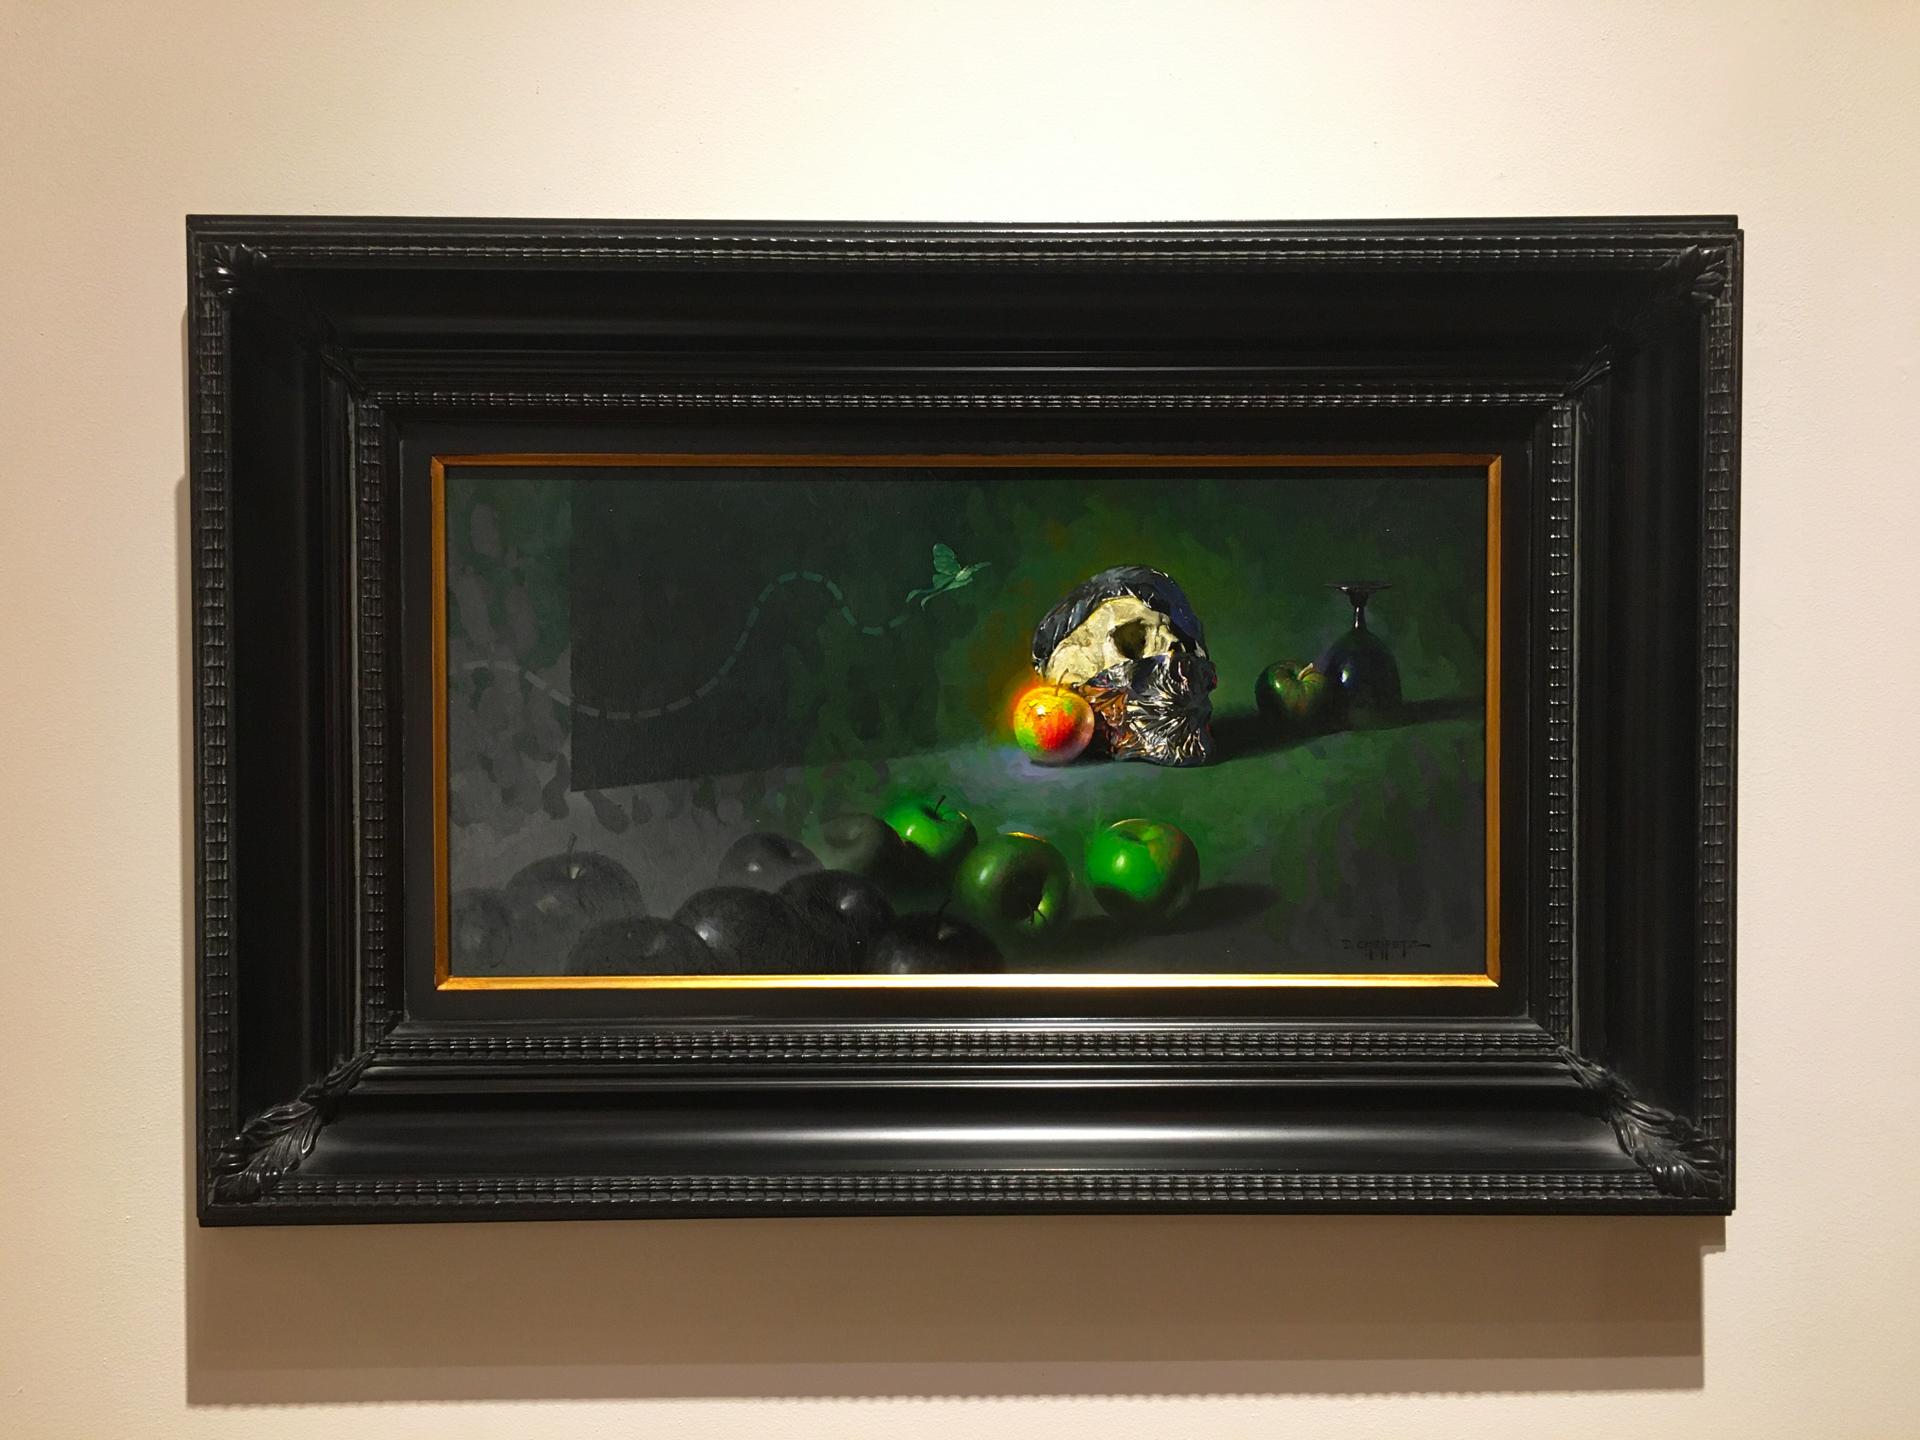 Behind A Moonlit Corner by David Cheifetz